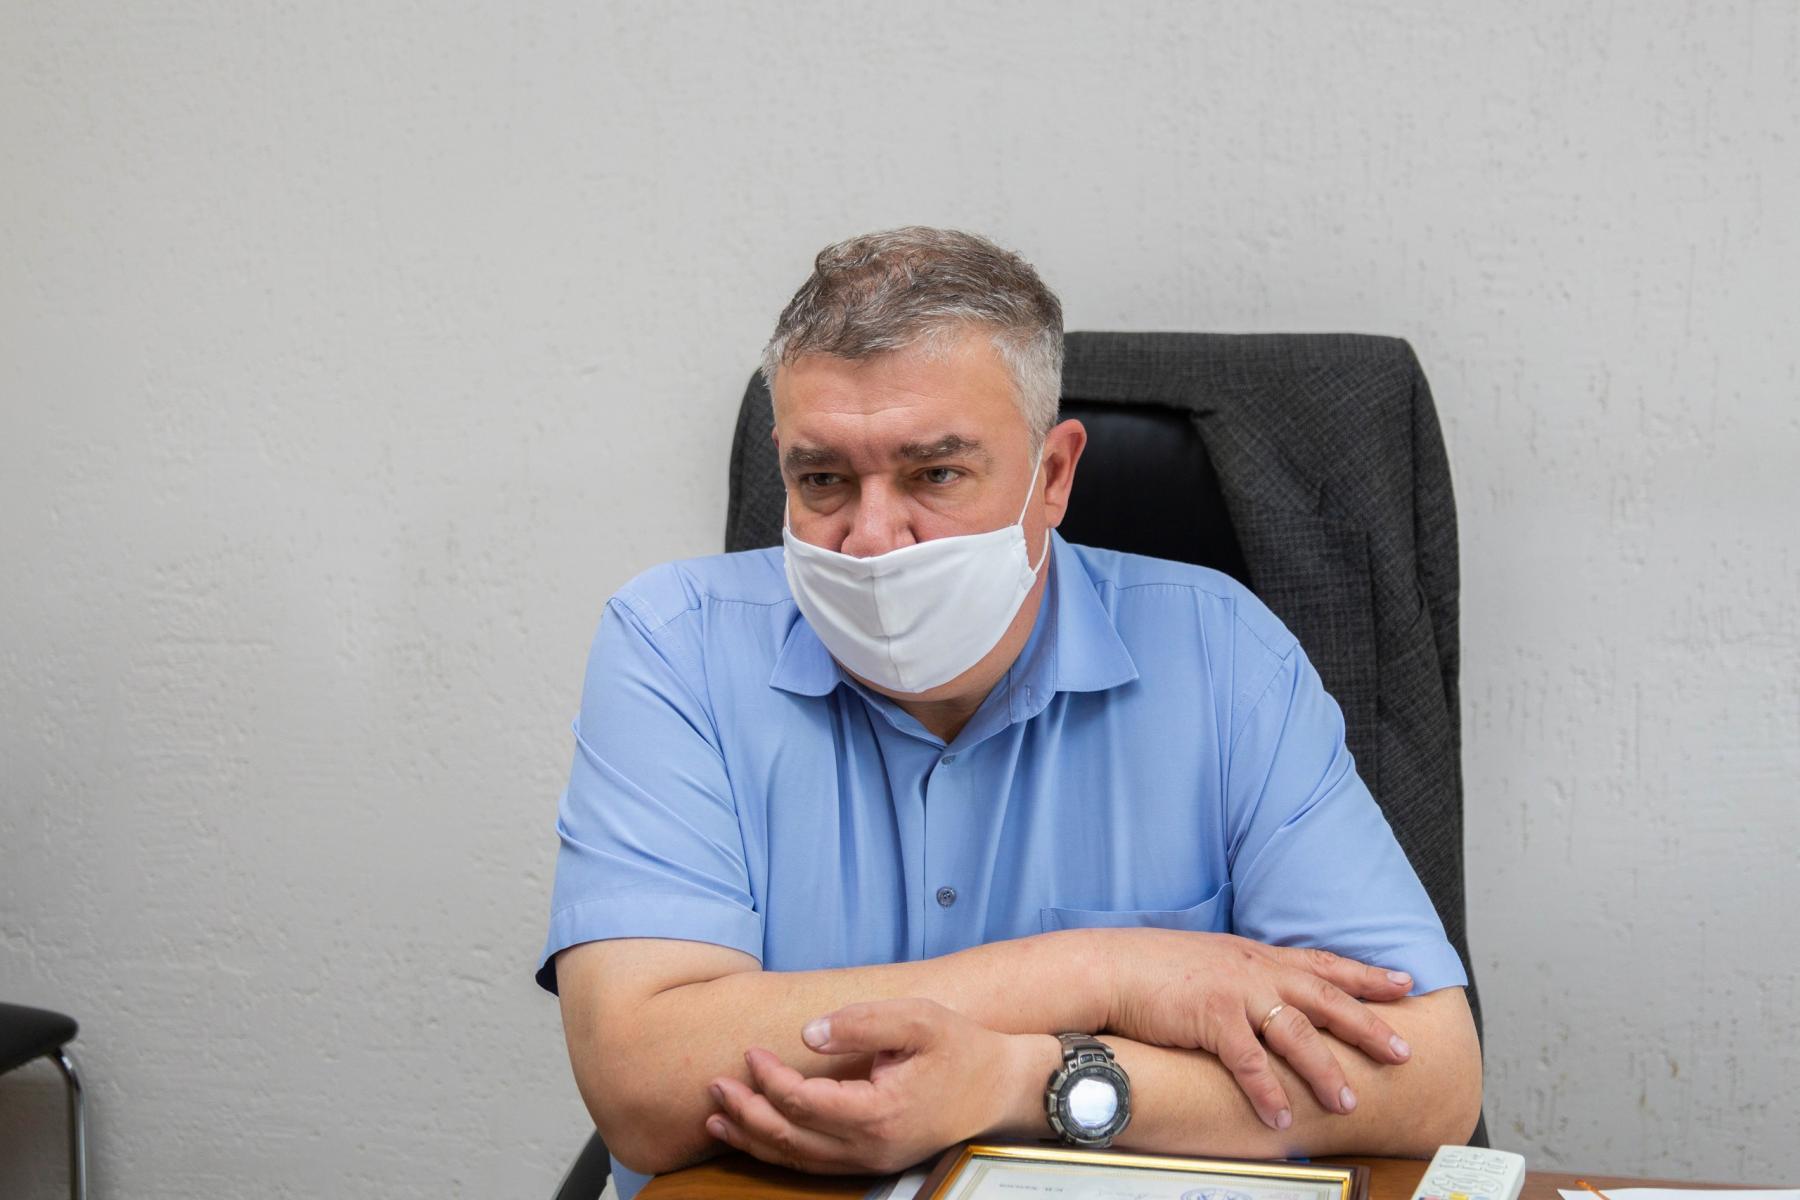 Фото «Пациенты лежат на животе по 14-16 часов в сутки»: врачи провели экскурсию по коронавирусному госпиталю Новосибирска 5